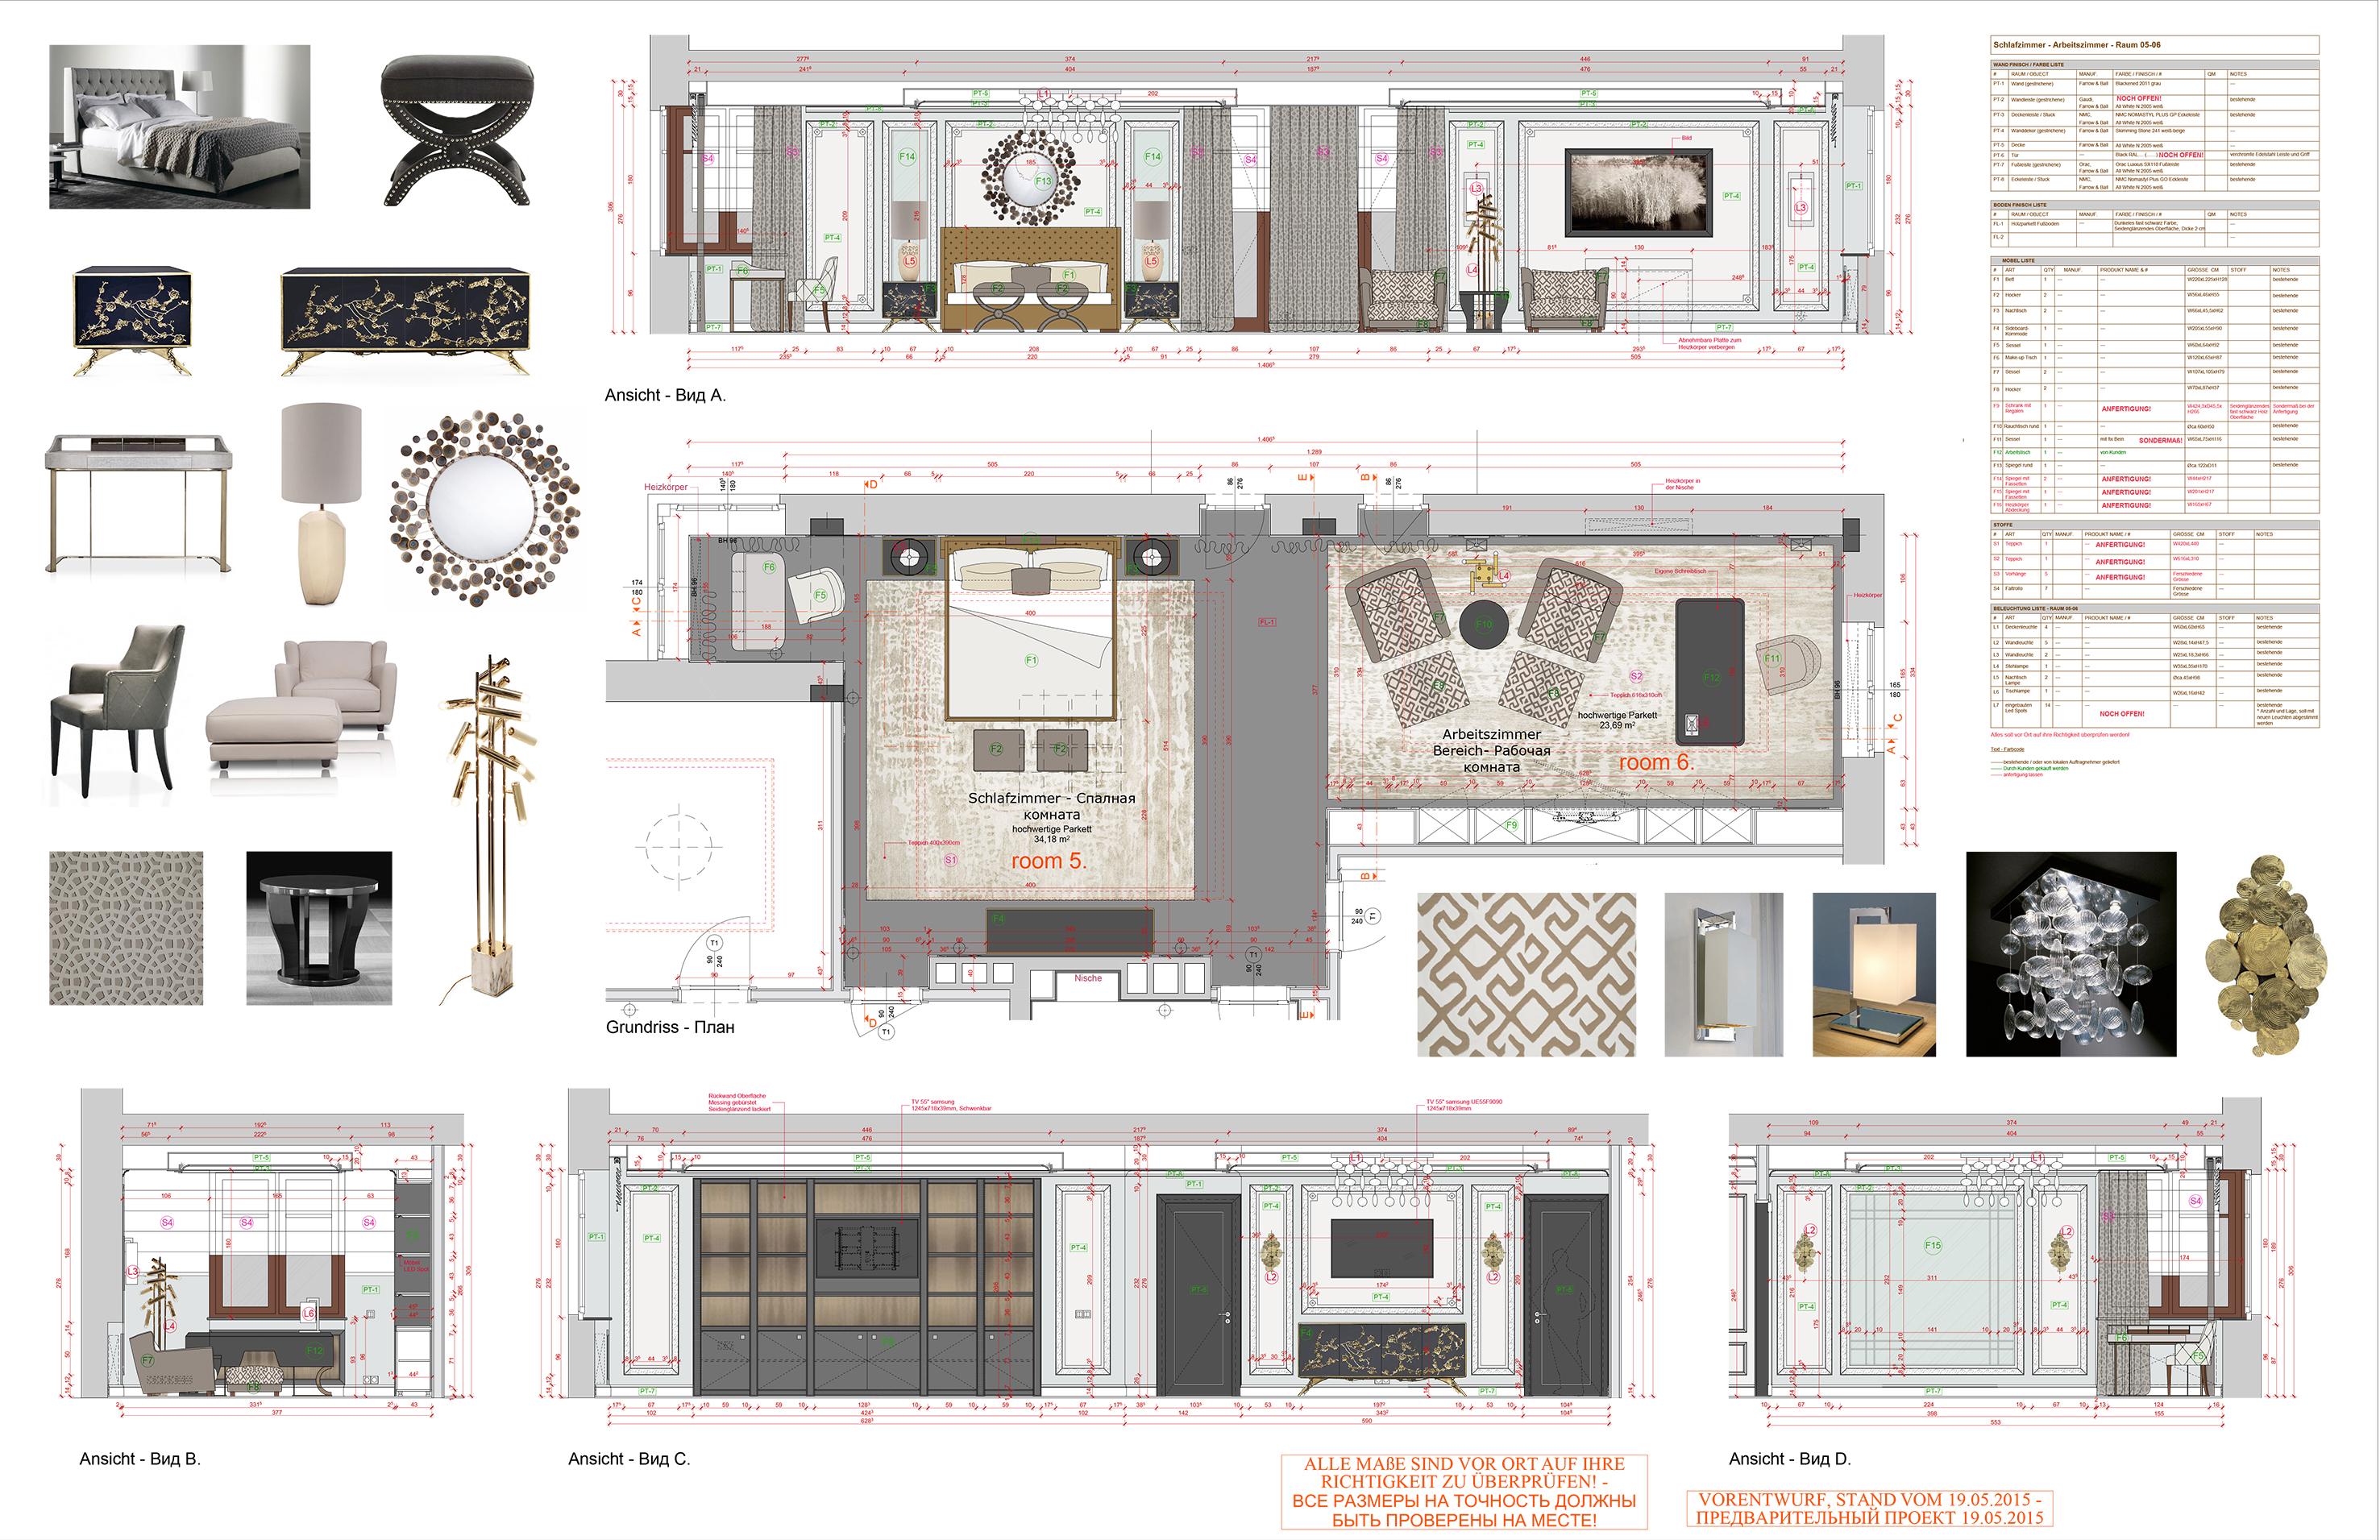 150519_GINER_Appartement_Schlafzimmer-Arbeitszimer Grundriss-Ansichten mit mobel